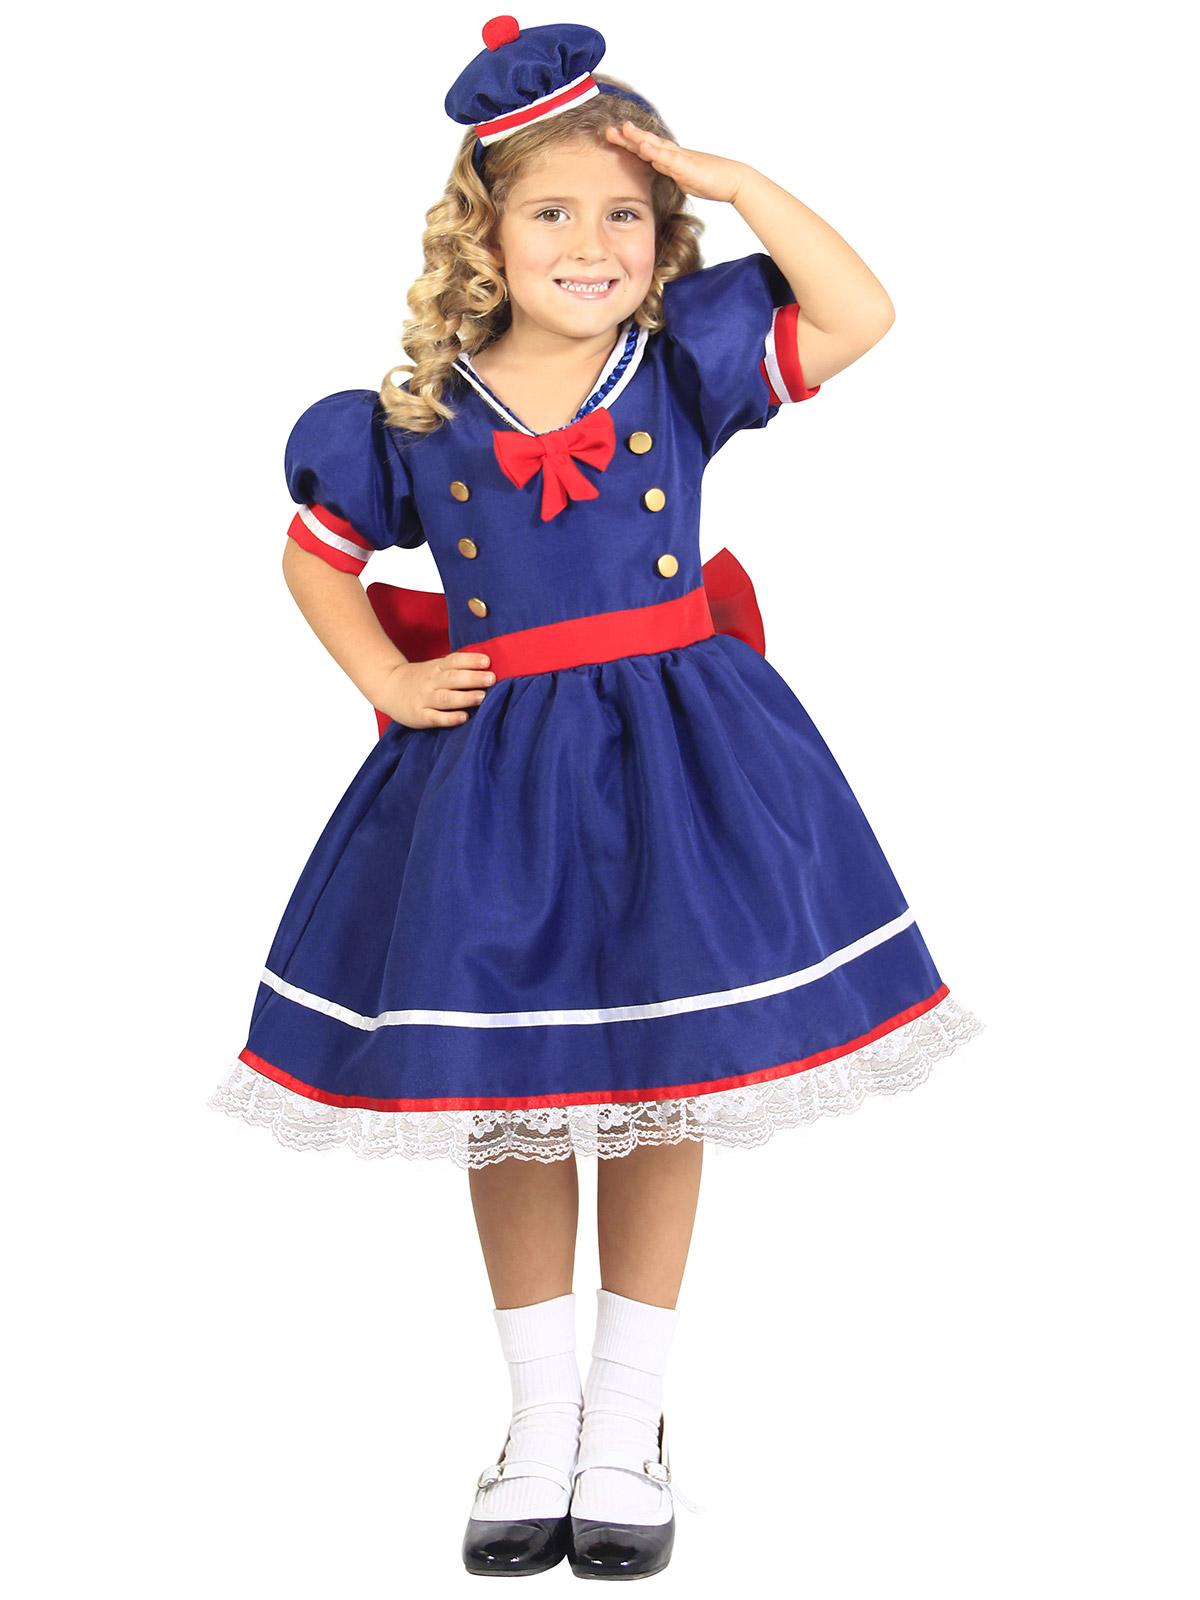 Bambina Vestito Marinaretta Marinaretta Da Vestito Vestito Marinaretta Vestito Da Bambina Bambina Da VSMqzUp